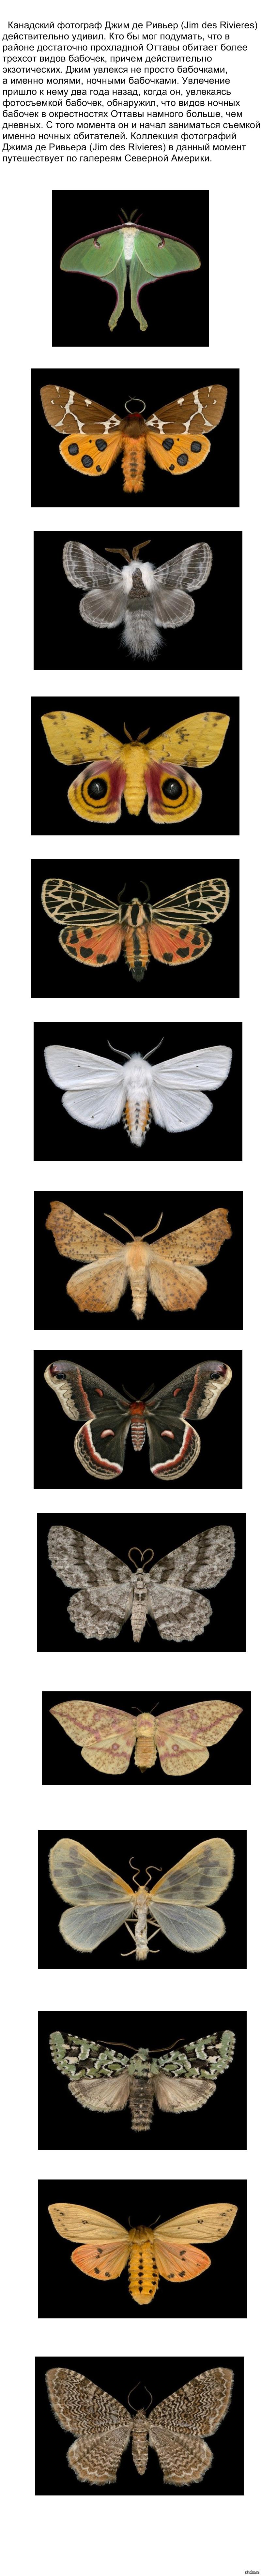 Номера ночных бабочек в чебоксарах, большим членом доводит до оргазма